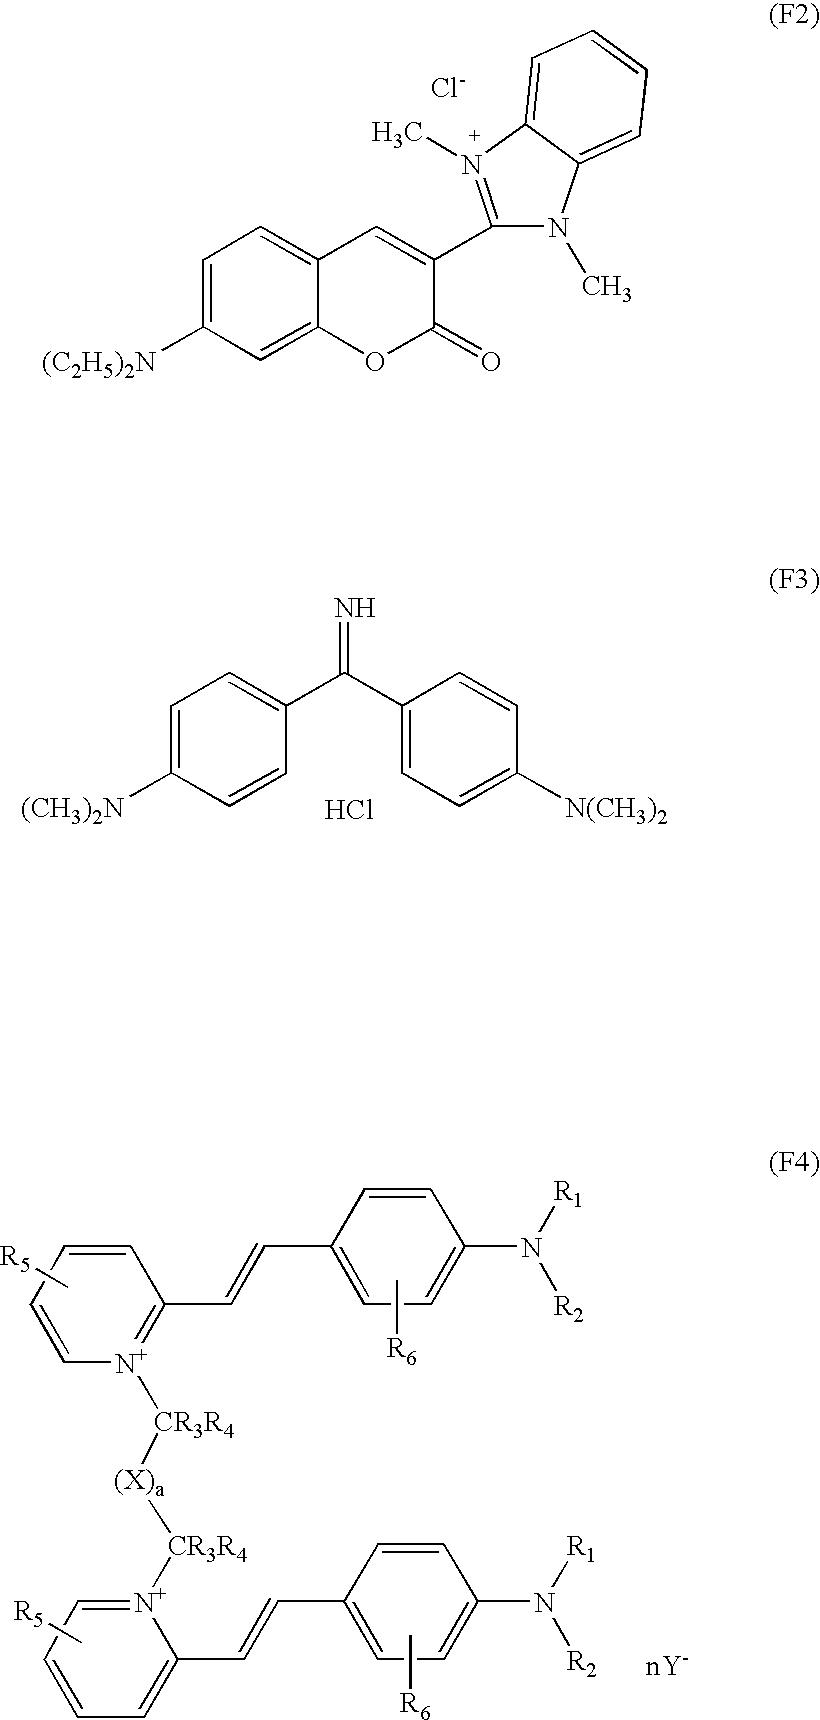 Figure US20050005368A1-20050113-C00015